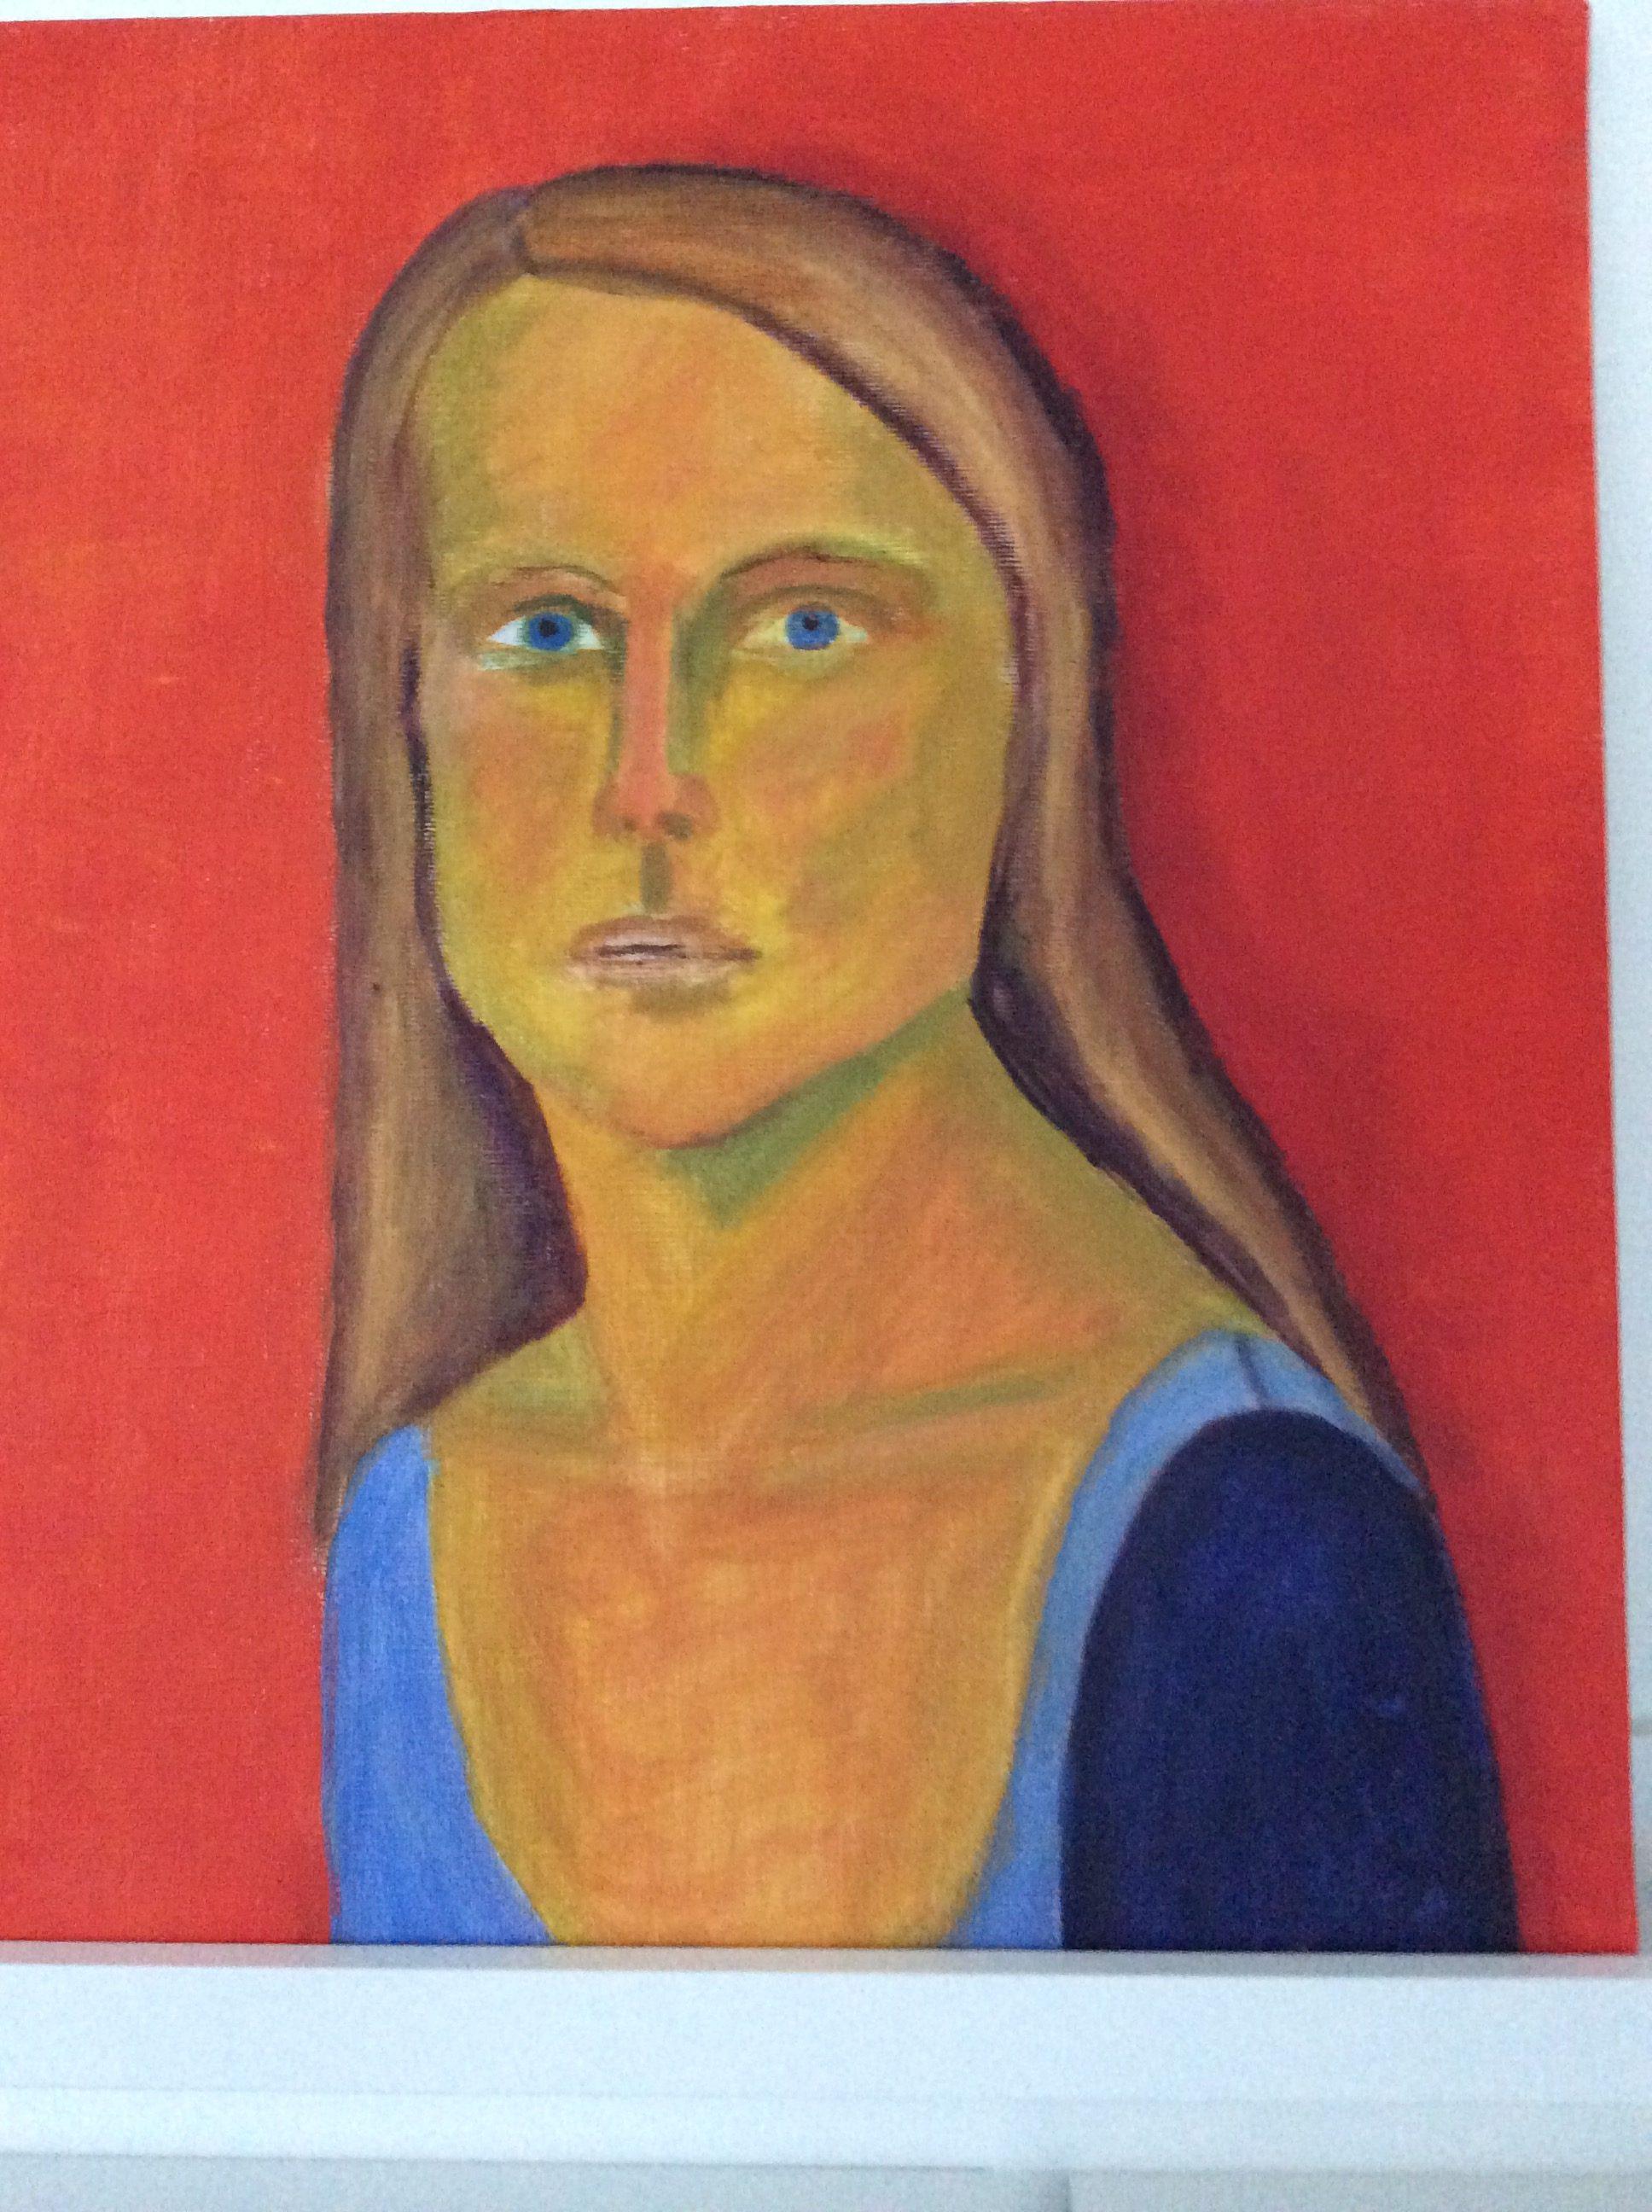 Självporträtt, Akrylmålning